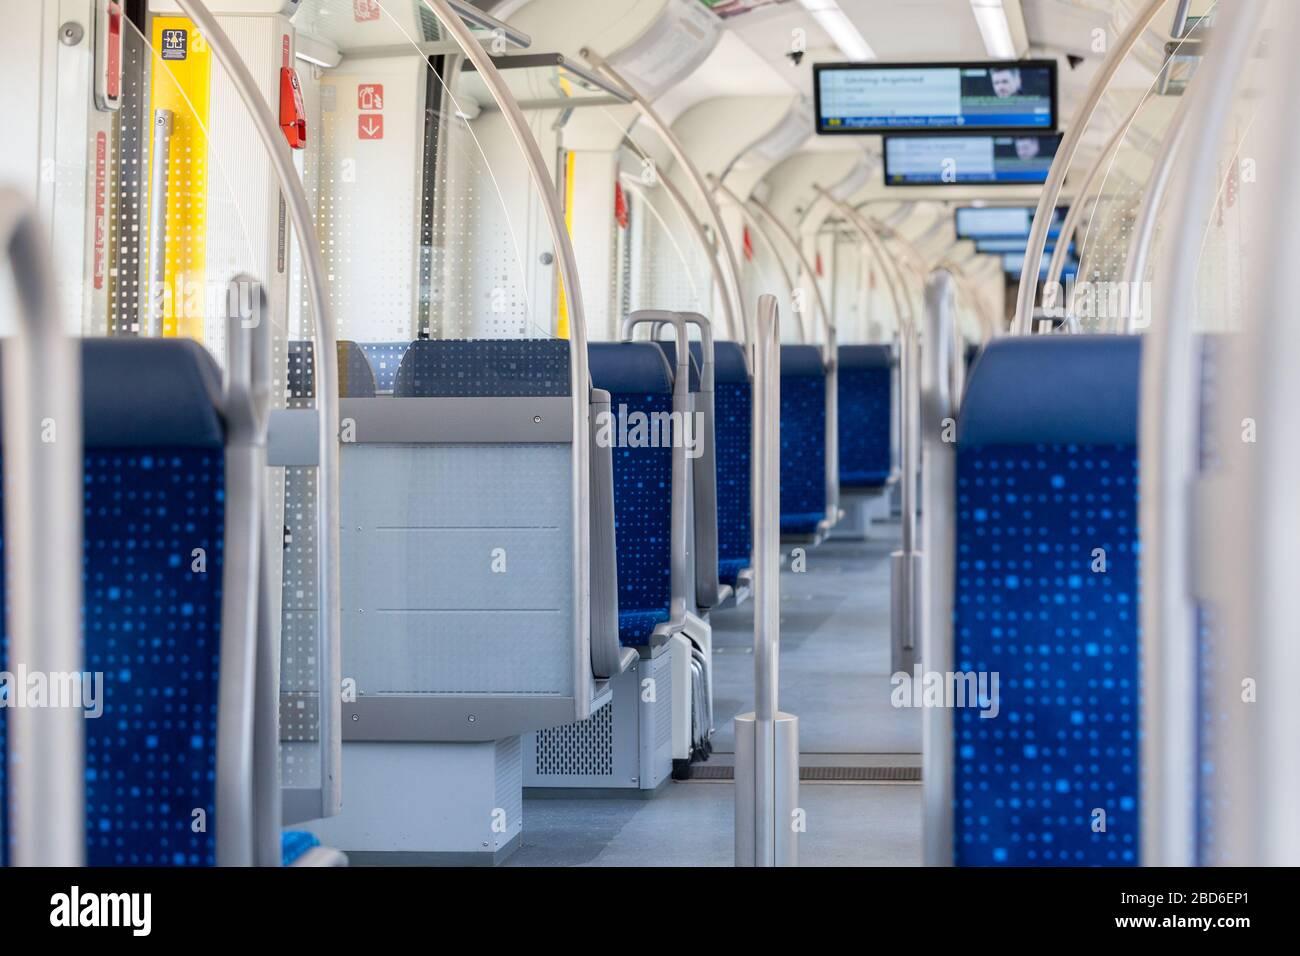 Interior de un tren de transporte público vacío de Munich (S-Bahn / S Bahn). Debido a Covid-19, el uso del transporte público en Alemania disminuyó en un 80% a un 90%. Foto de stock